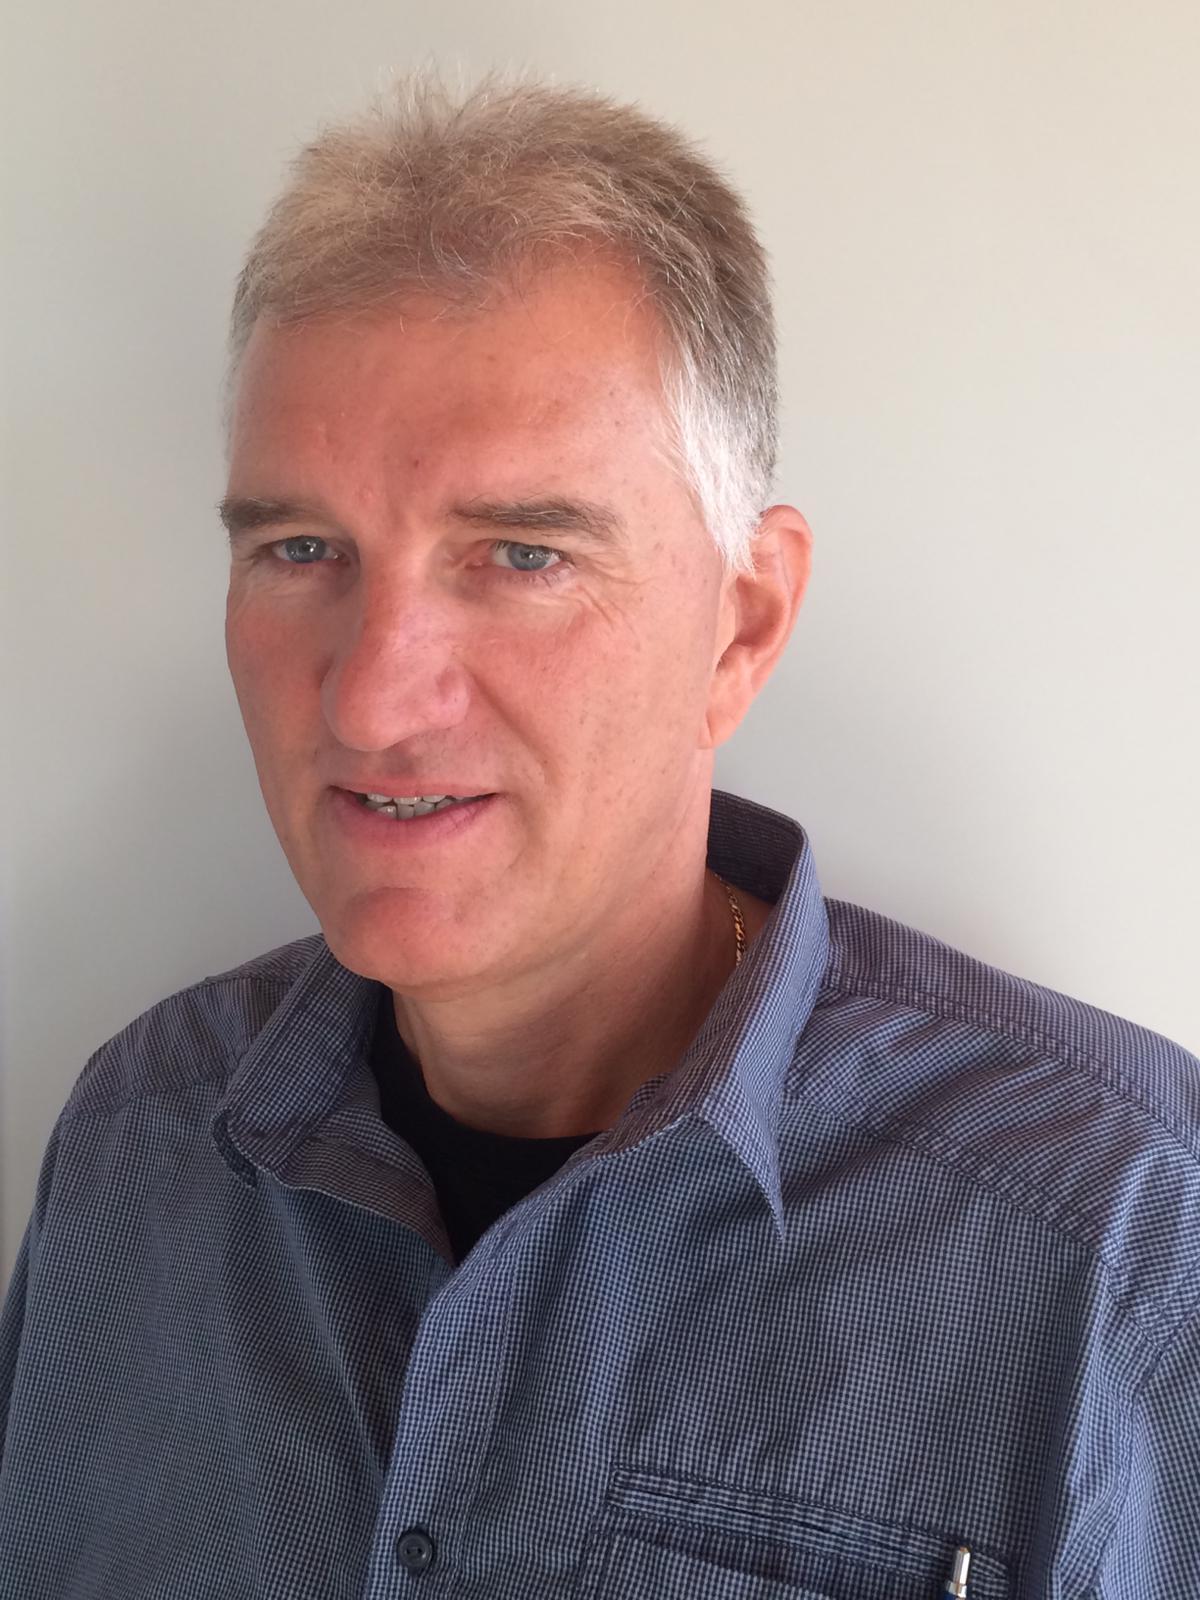 Markus Witschi